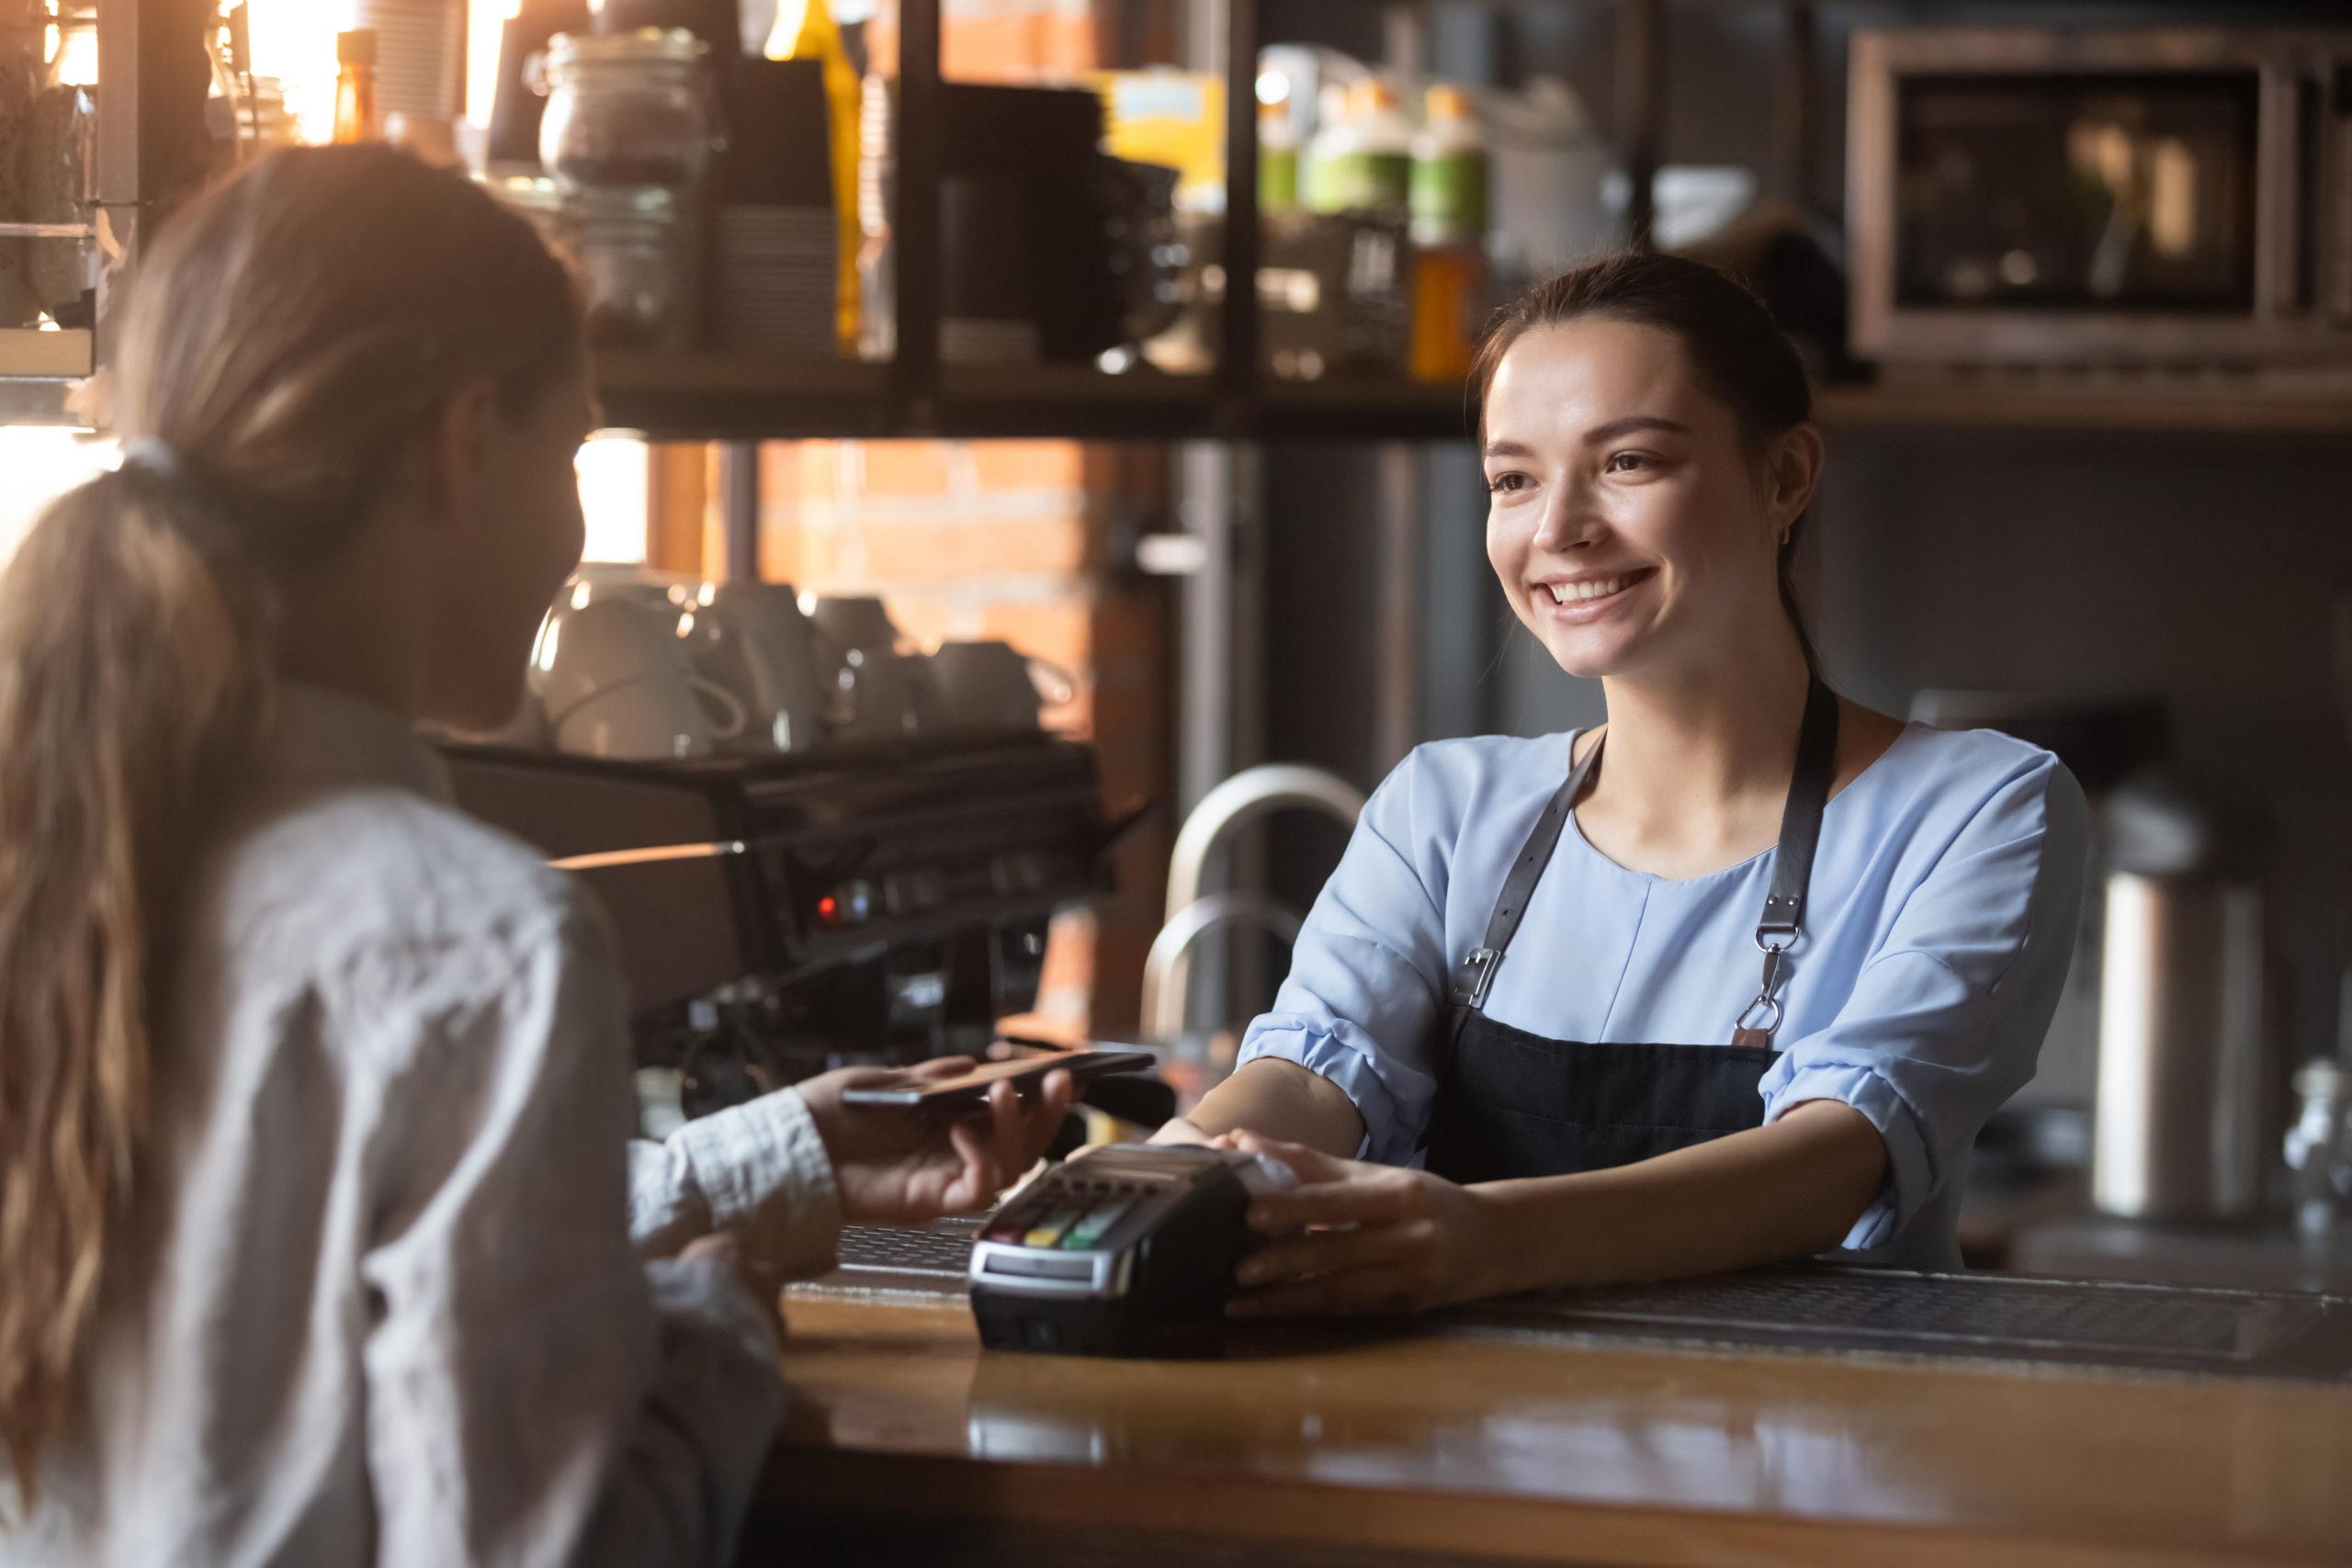 Favorisci i pagamenti contactless nel ristorante del tuo hotel.